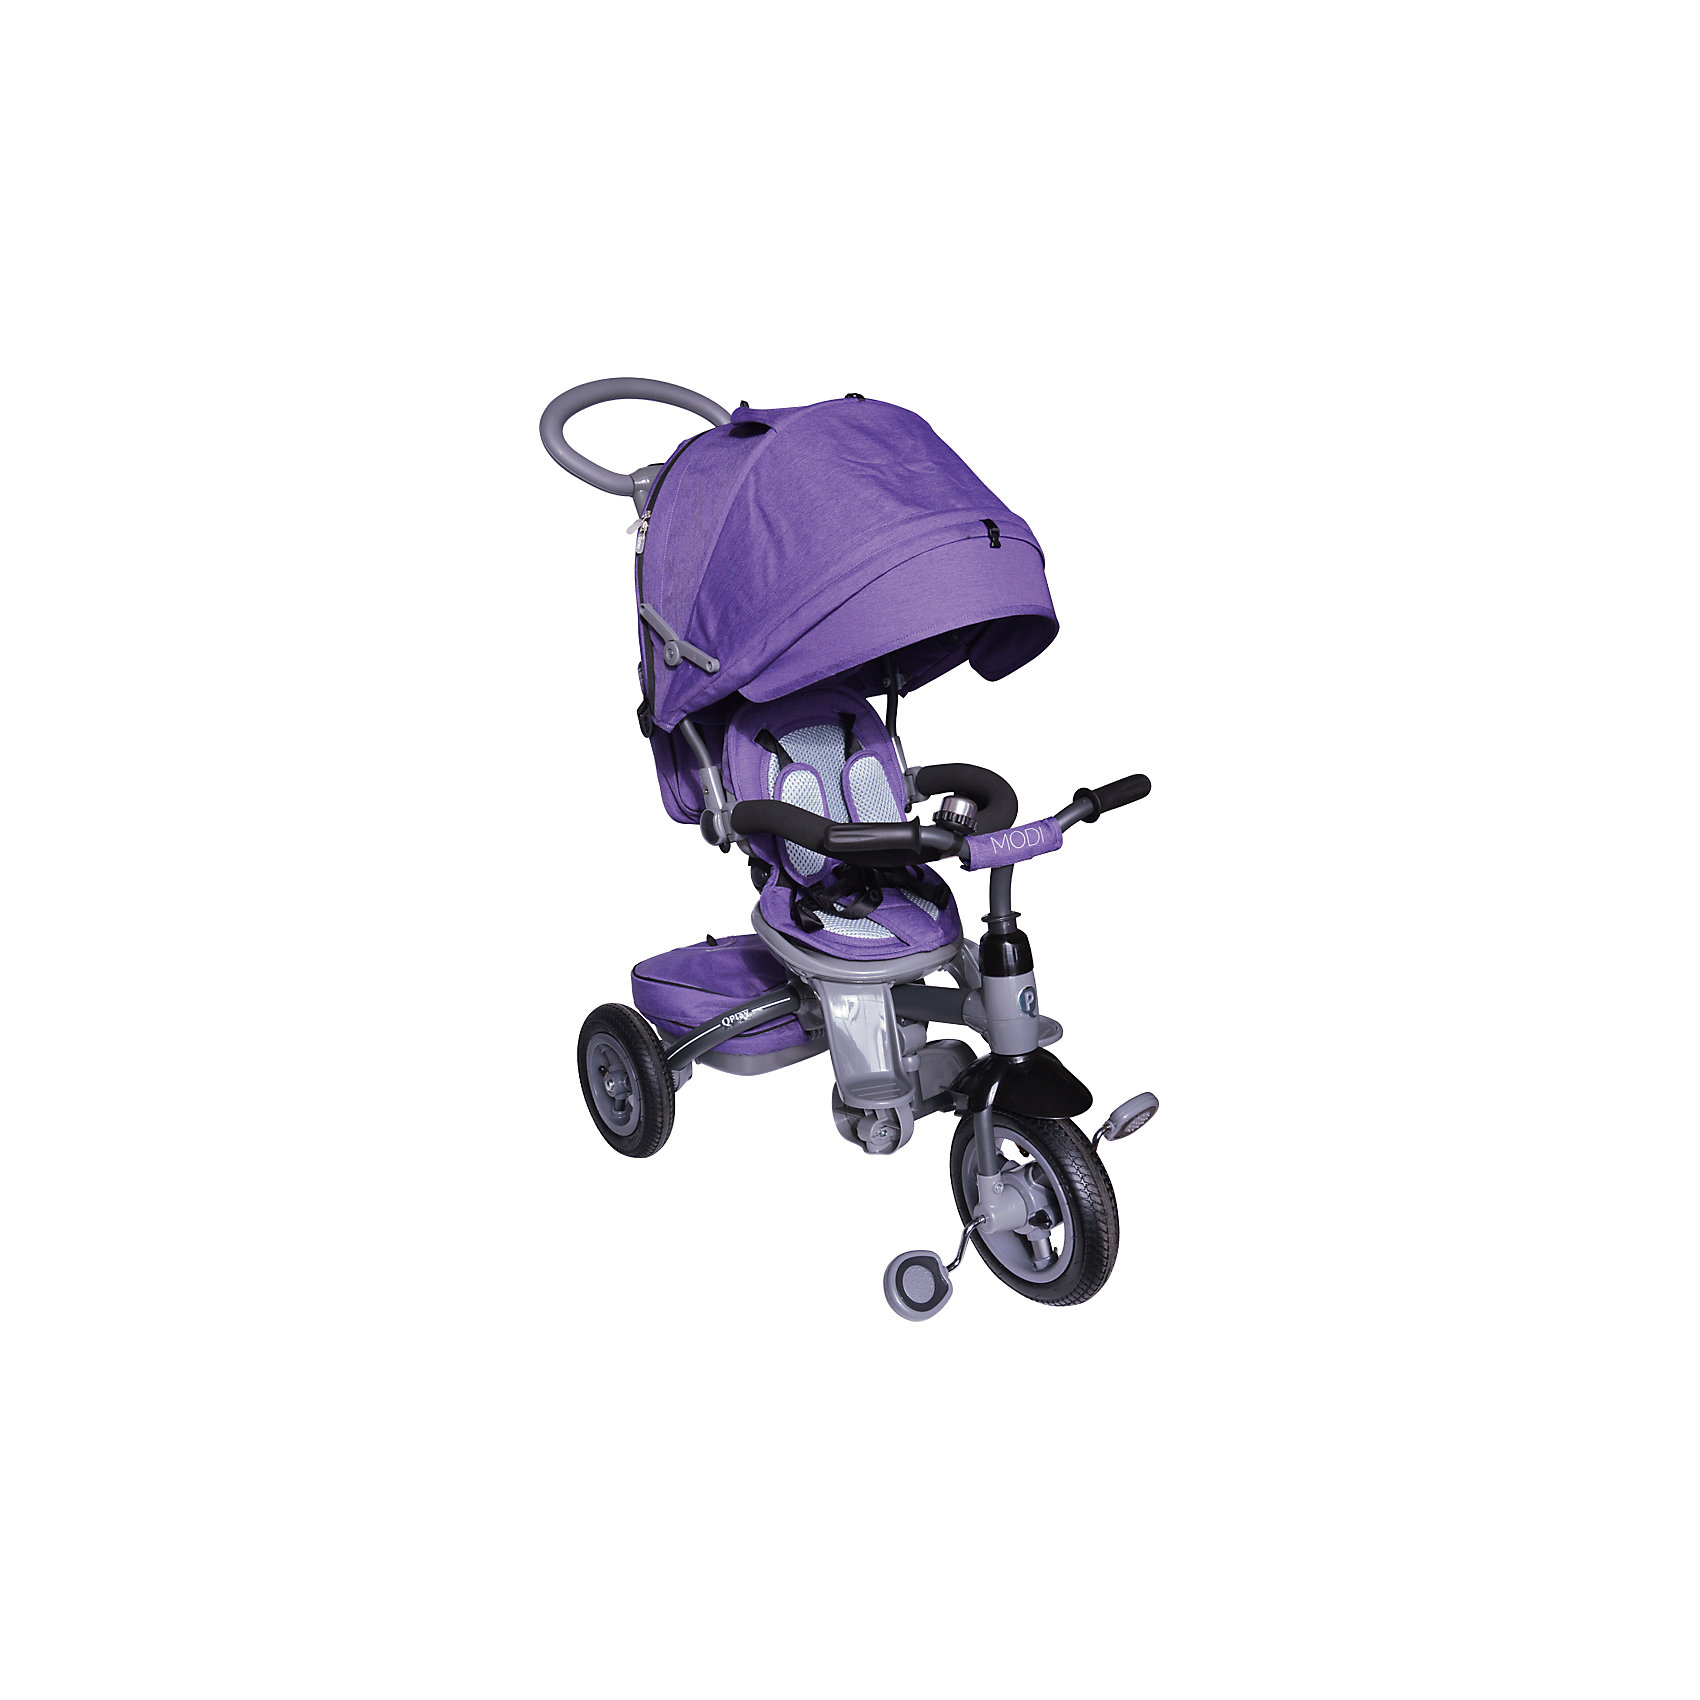 Трехколесный велосипед Modi Q-Play, фиолетовыйВелосипеды детские<br>Характеристики товара:<br><br>• возраст: от 6 месяцев;<br>• максимальная нагрузка: до 30 кг;<br>• материал: пластик, алюминий, полиэстер;<br>• регулировка ручки-толкателя;<br>• регулировка наклона спинки;<br>• 3-х точечные ремни безопасности;<br>• регулируемый съемный капюшон со смотровым окном;<br>• поворотное на 360 градусов сидение;<br>• функции блокировки руля и педалей;<br>• тип колес: надувные резиновые;<br>• диаметр переднего колеса: 10 дюймов, заднего колеса: 8 дюймов;<br>• тормоз на задних колесах;<br>• вес велосипеда: 10 кг;<br>• размер упаковки: 70х41х32 см;<br>• вес упаковки: 10,6 кг;<br>• страна производитель: Китай.<br><br>Трехколесный велосипед Modi Q-Play фиолетовый — удивительное транспортное средство для малыша, выполняющее сразу 2 функции — коляски и велосипеда. Для самых маленьких используется как коляска, которой мама управляет при помощи ручки-толкателя. <br><br>На время использования велосипеда в качестве коляски педали и руль ребенка блокируются, чтобы он не мог управлять транспортным средством. Как только малыш подрастет, он может кататься самостоятельно на велосипеде и активно проводить время на прогулке.<br><br>Для комфортного сидения малыша предусмотрен мягкий чехол и подголовник, а спинка опускается в нескольких положениях. На конструкции имеется 2 типа подножек: одна для маленького ребенка, которая выдвигается по необходимости, вторая для подрастающего ребенка, расположенная ниже. <br><br>Сидение поворачивается на 360 градусов, и малыш оказывается лицом к маме. Капюшон регулируется и защищает от непогоды и солнечных лучей. При использовании велосипеда капюшон убирается полностью. Необходимые на прогулке вещи и игрушки можно положить в корзину или сумку, которая закреплена на родительской ручке.<br><br>Рама выполнена из прочного облегченного алюминия. Надувные колеса делают ход плавным даже по бездорожью. На задних колесах расположен тормоз для фиксации во время остановк